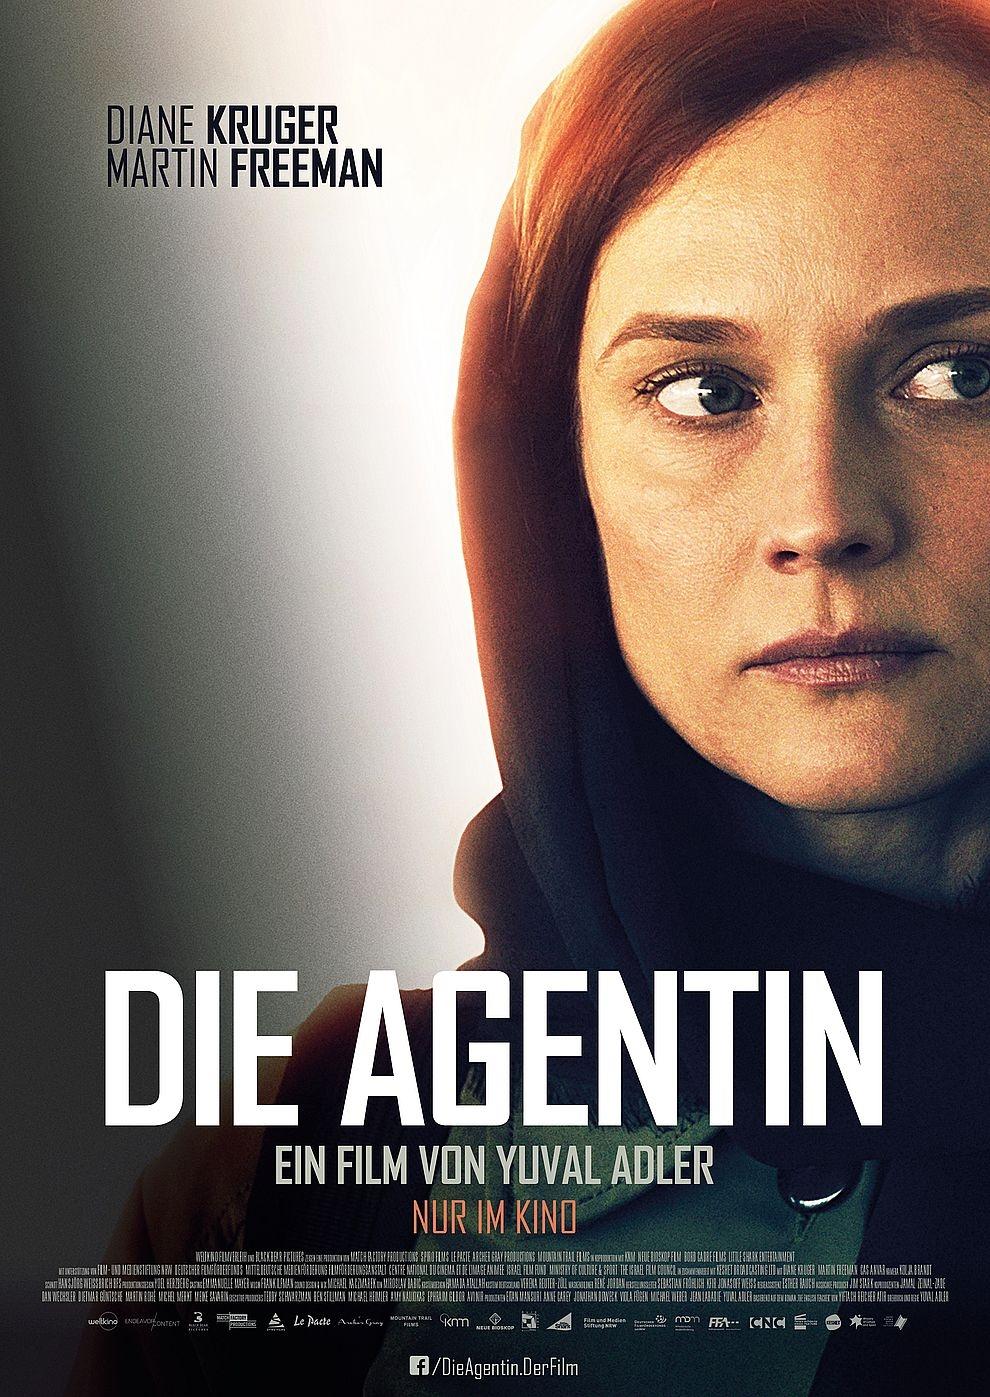 Die Agentin (Poster)